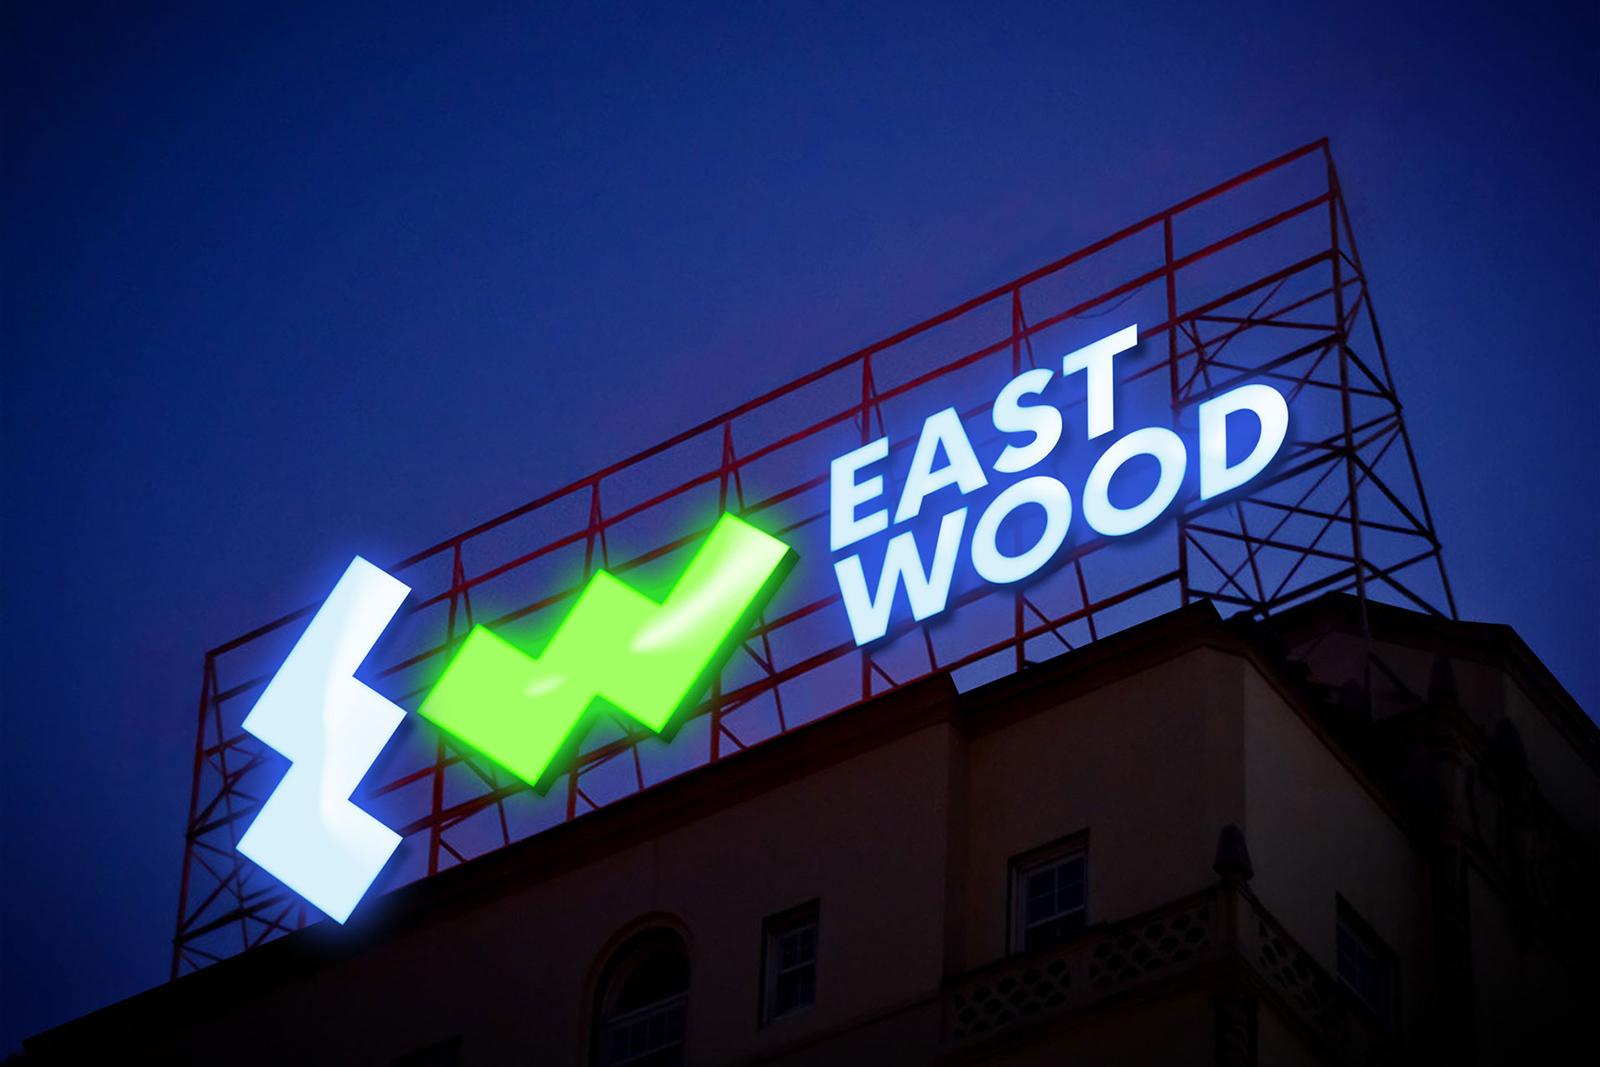 Asgard Branding, фирменный стиль, айдентика, лого, Eastwood, дизайн вывески